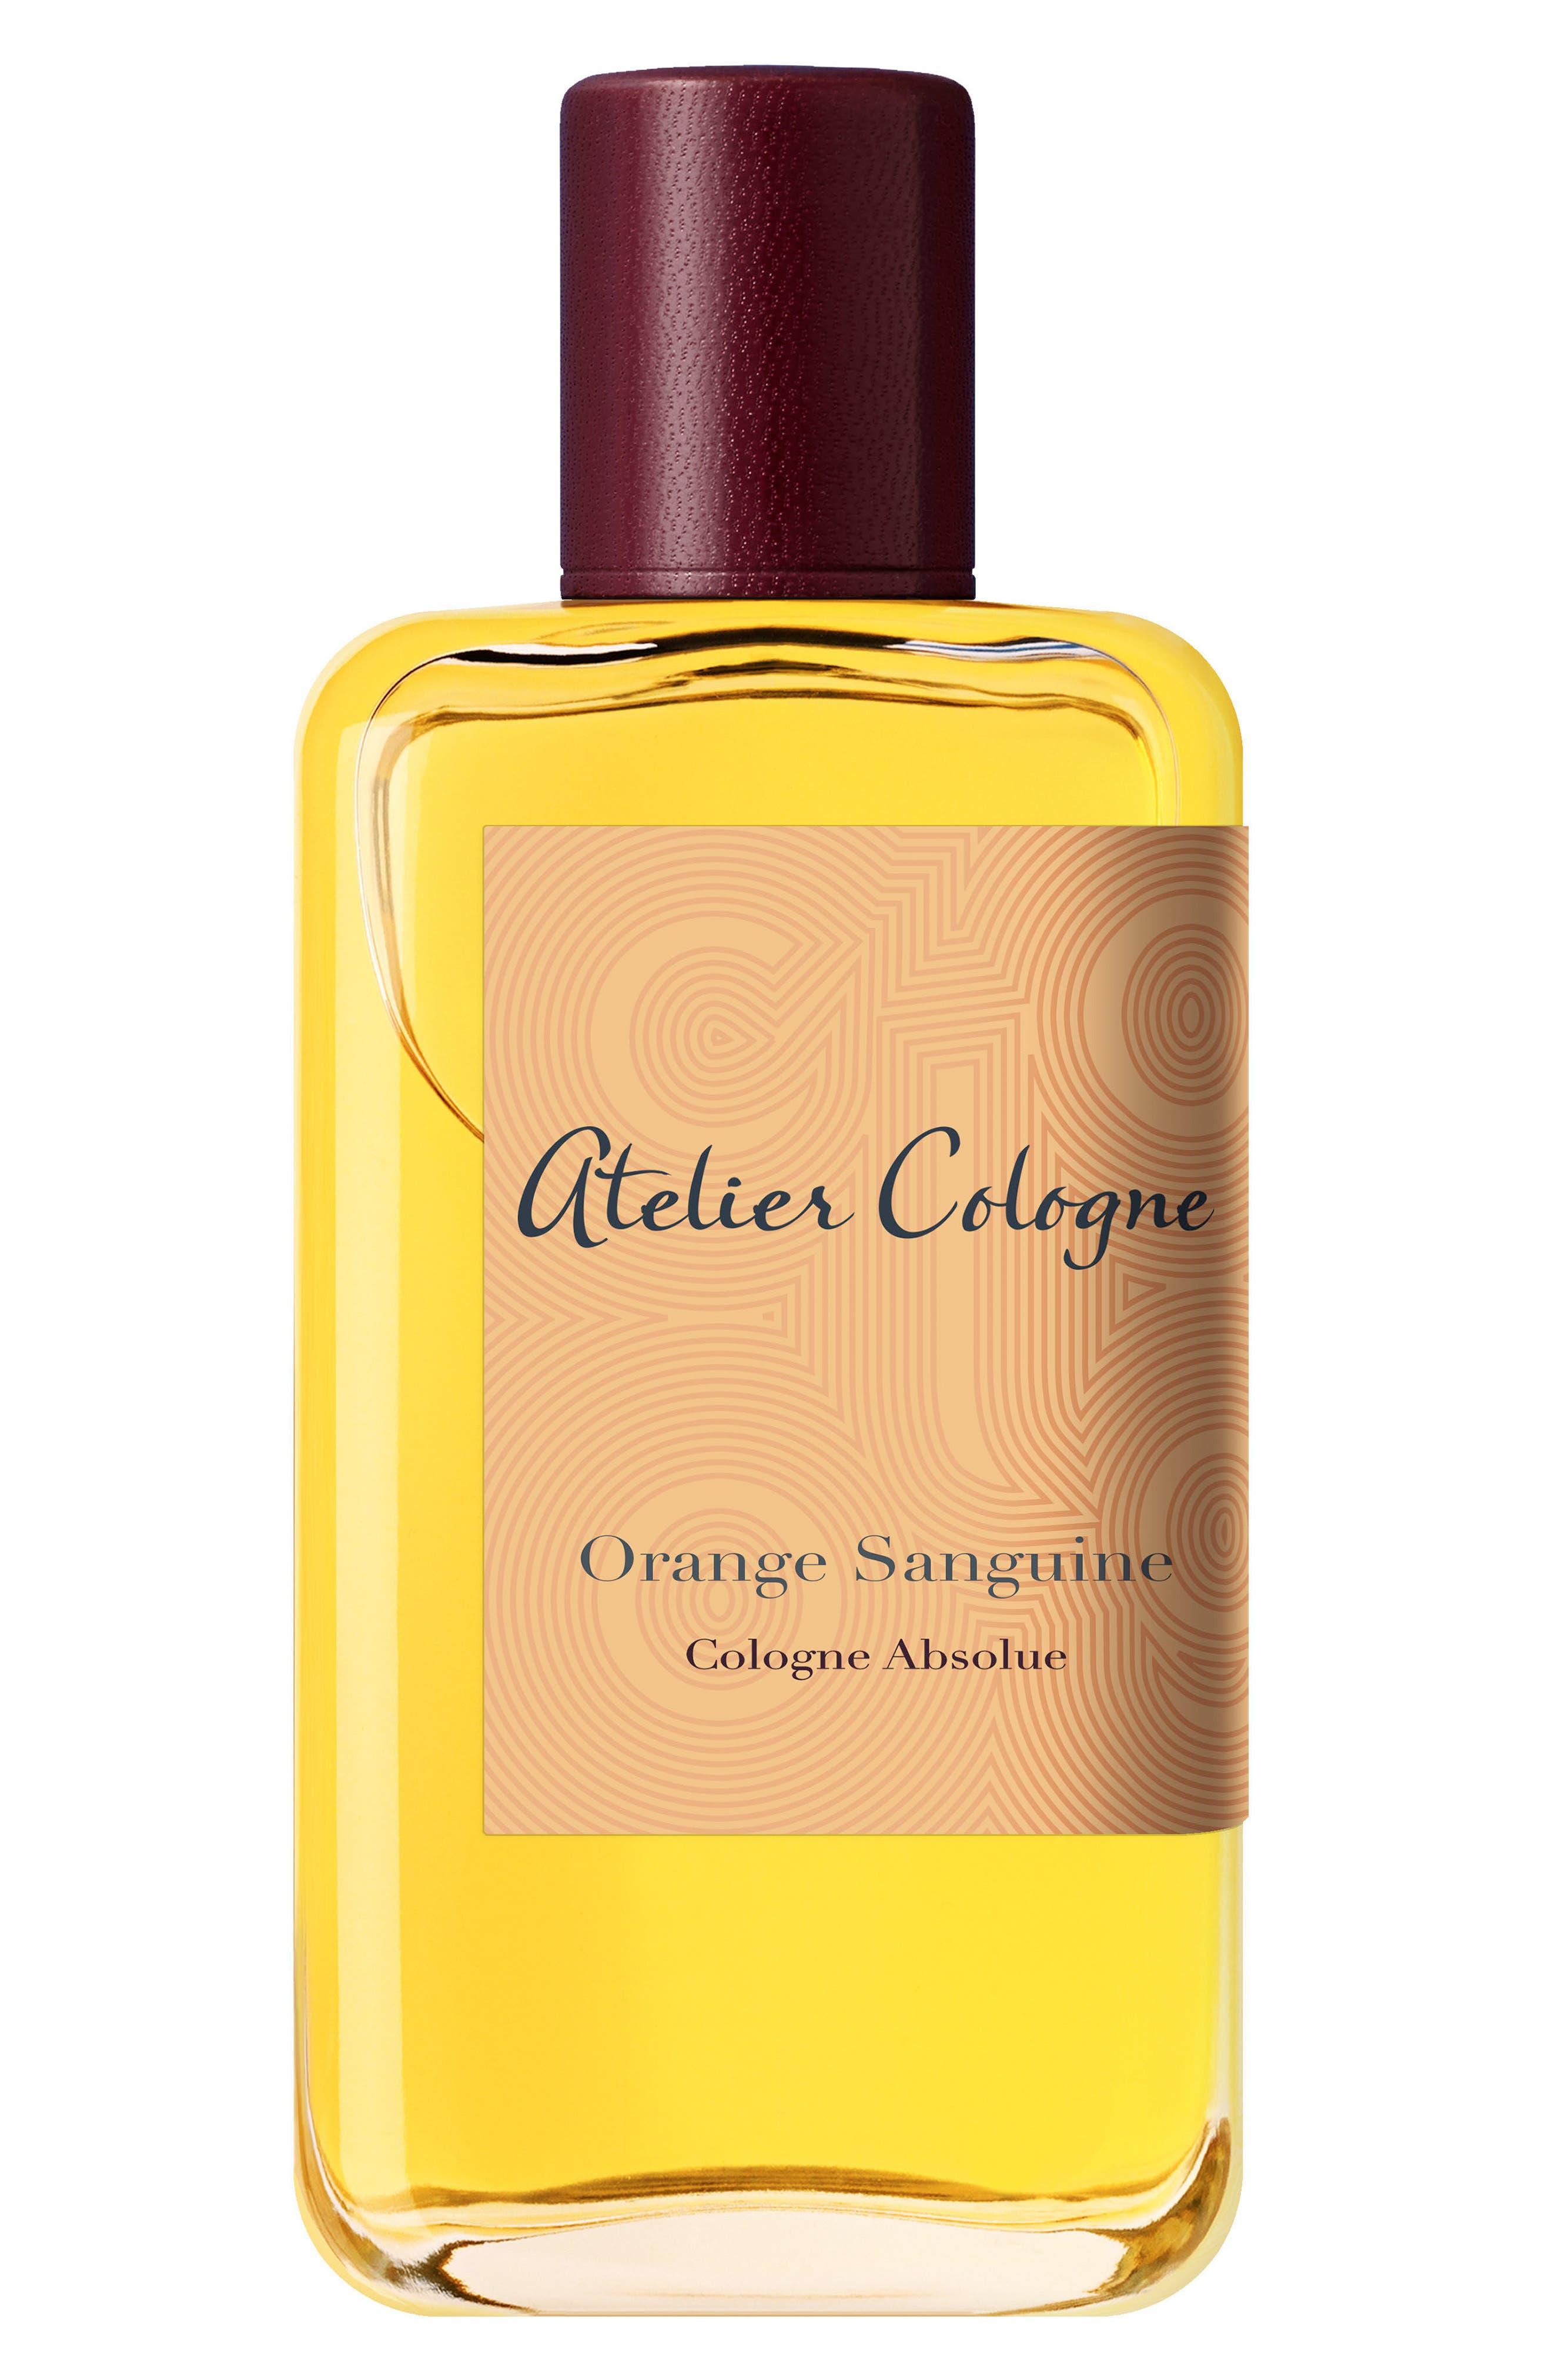 ATELIER COLOGNE, Orange Sanguine Cologne Absolue, Alternate thumbnail 7, color, NO COLOR